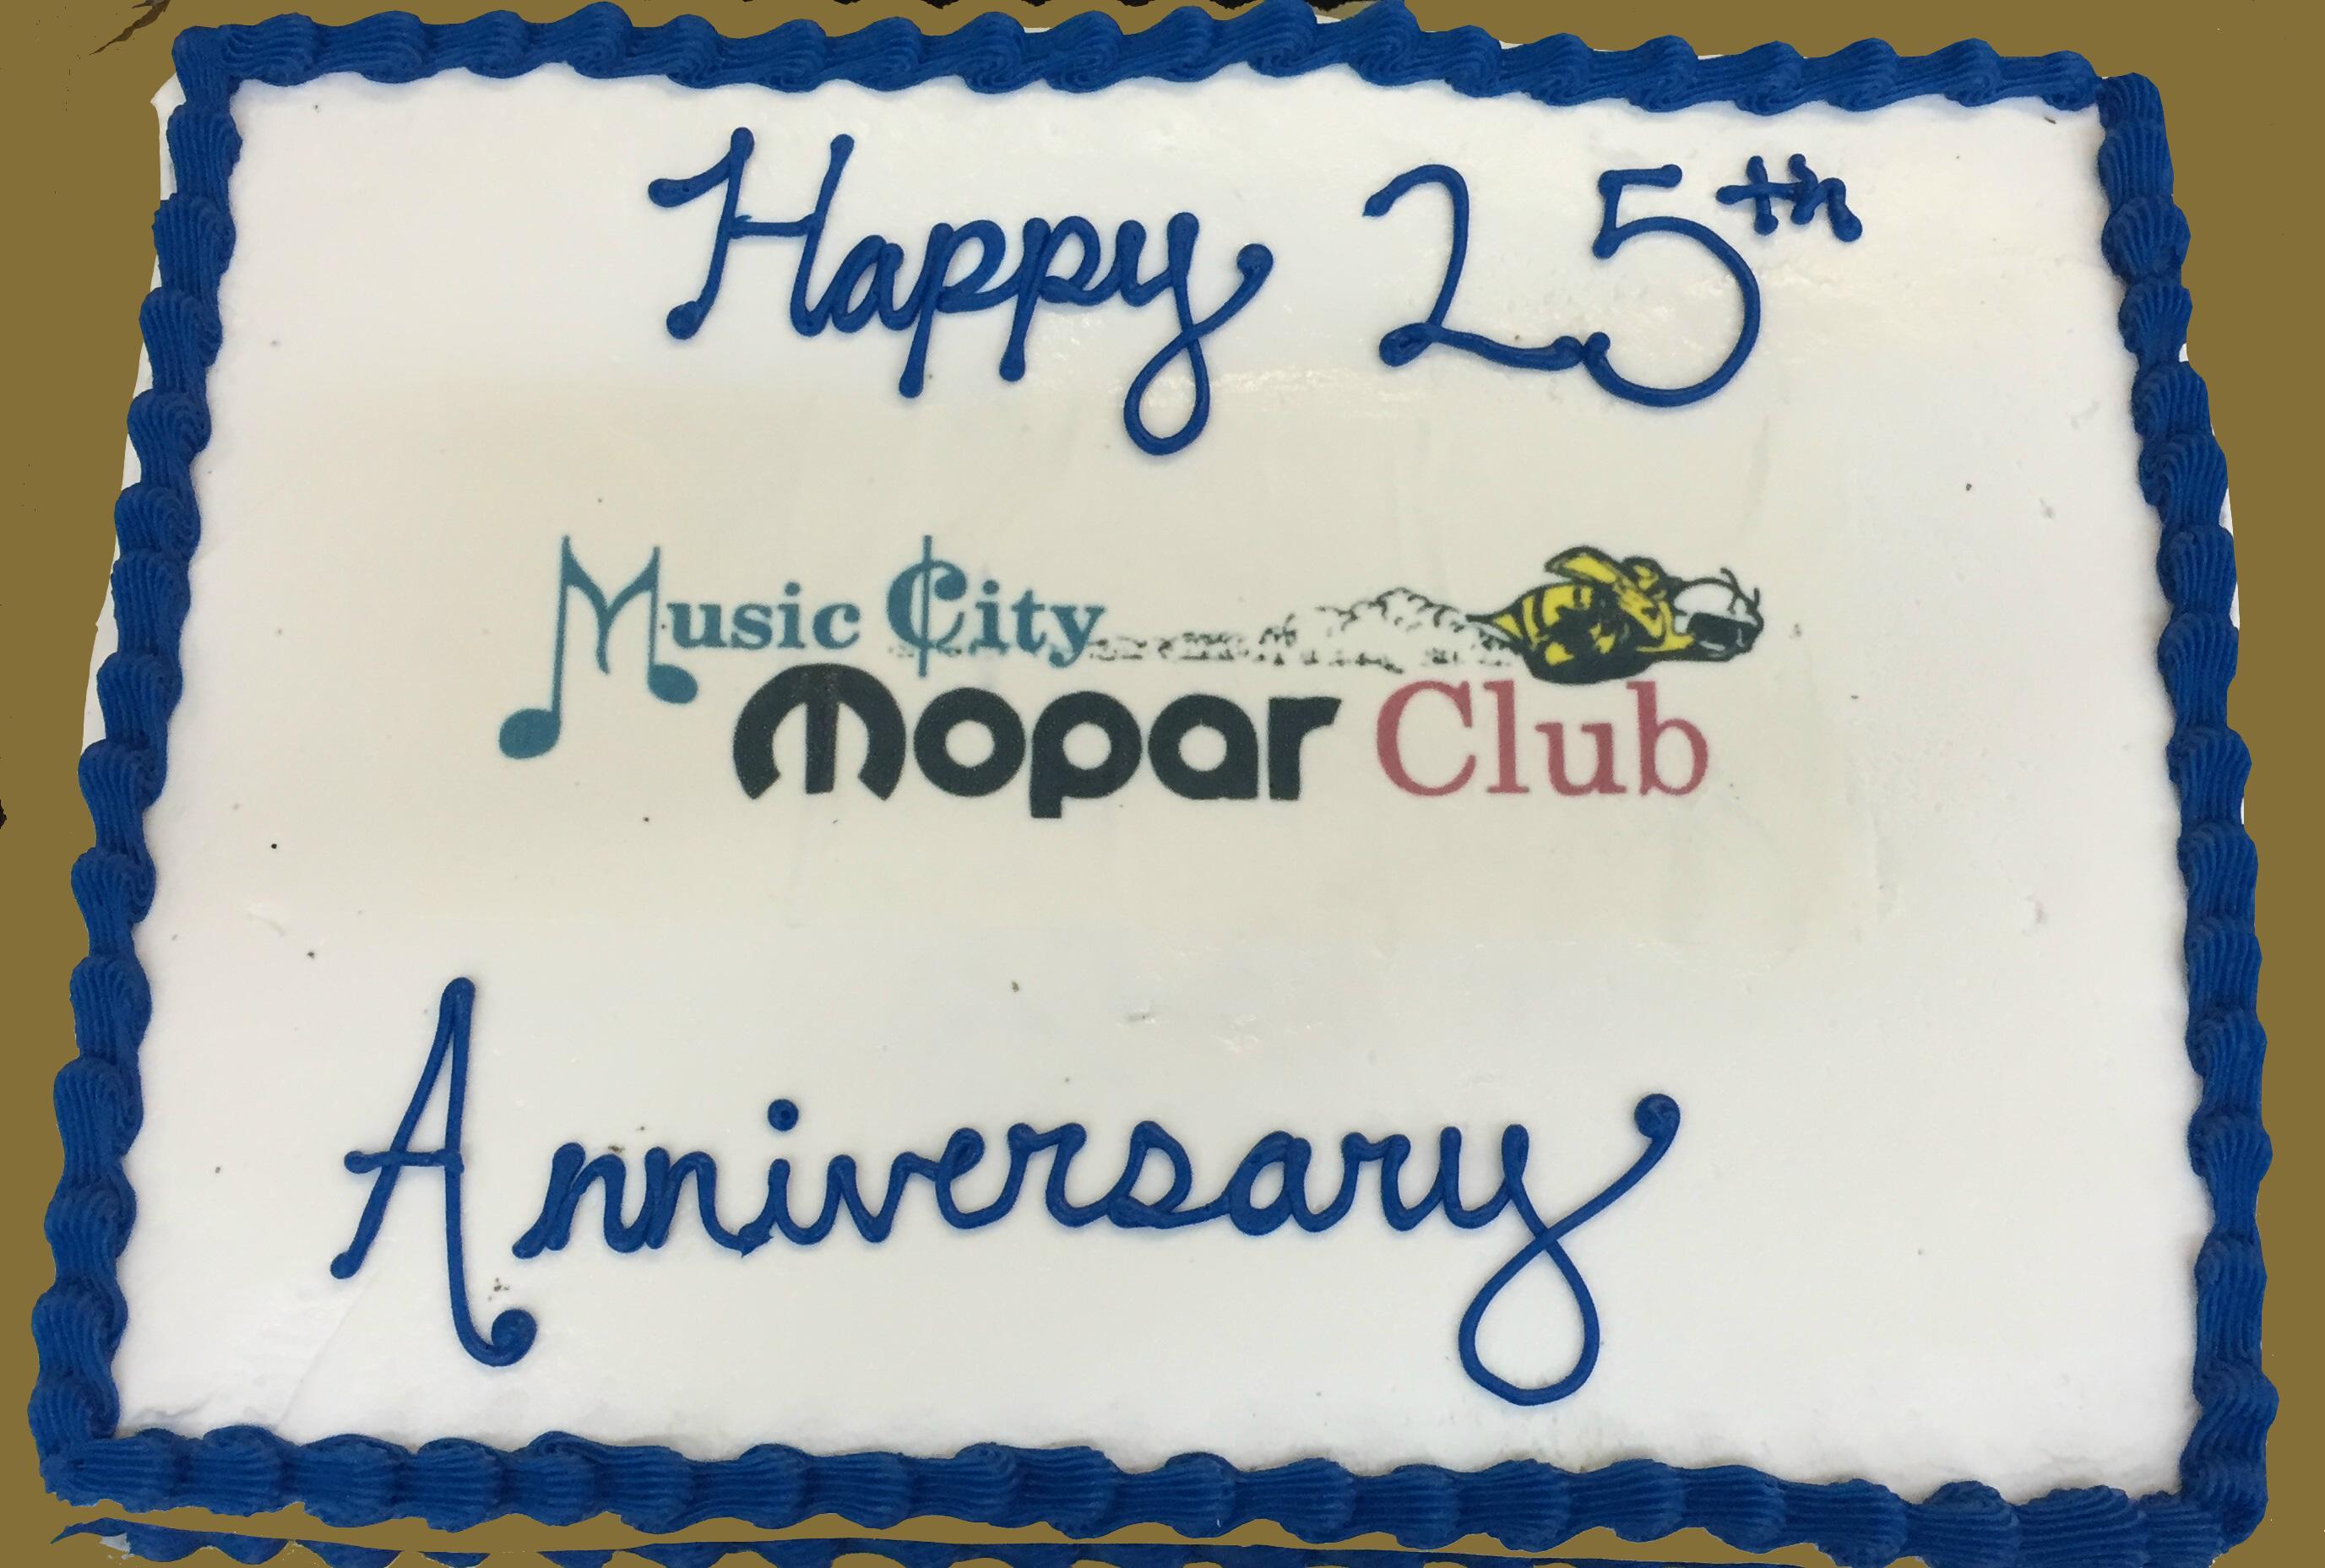 25th Anniversary Cake